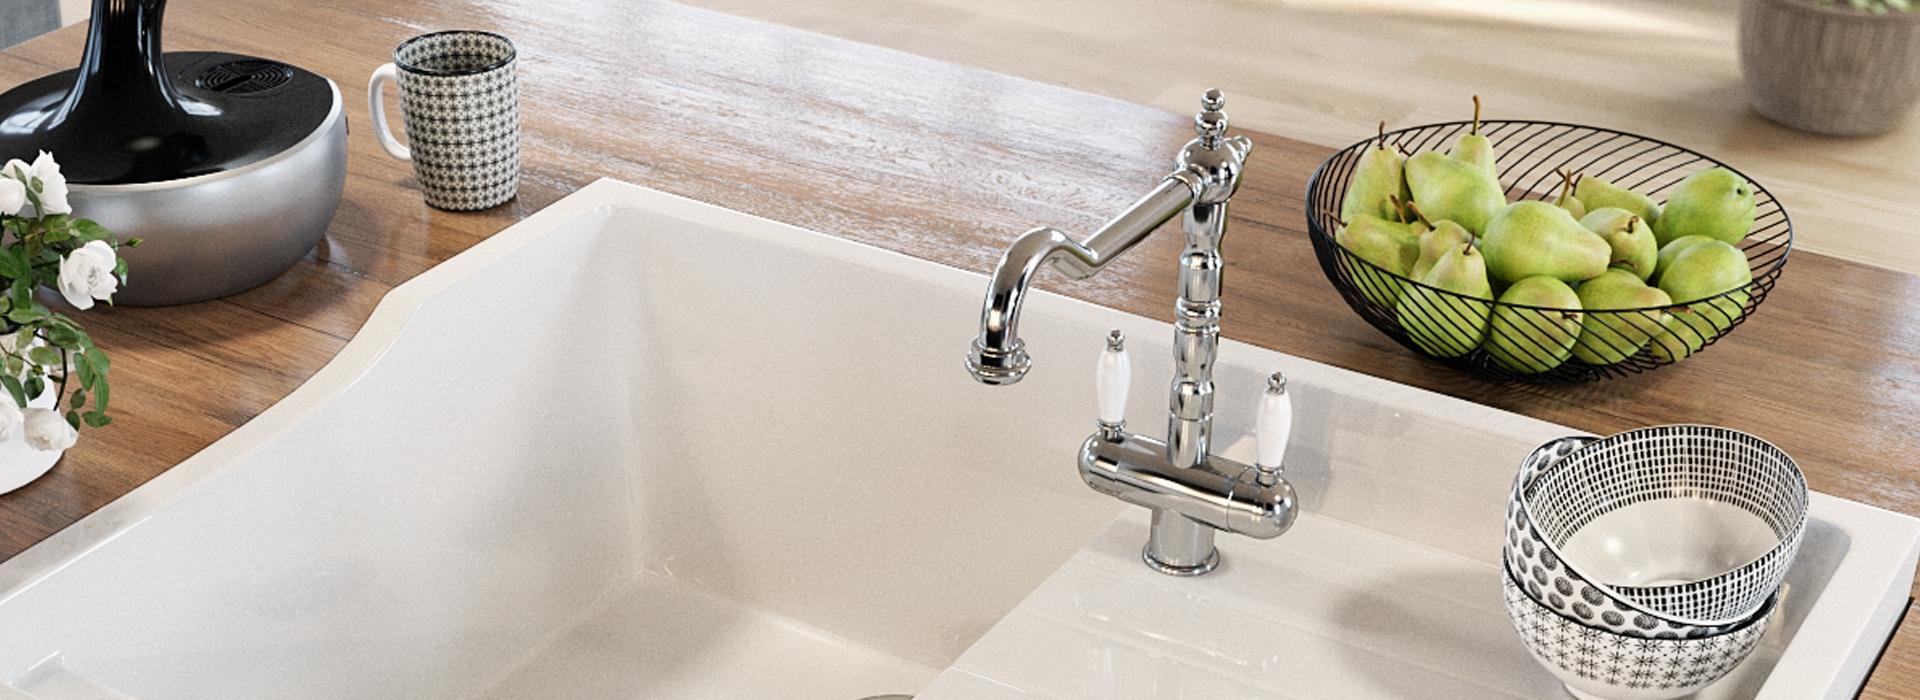 Les robinets de cuisine donnent du style